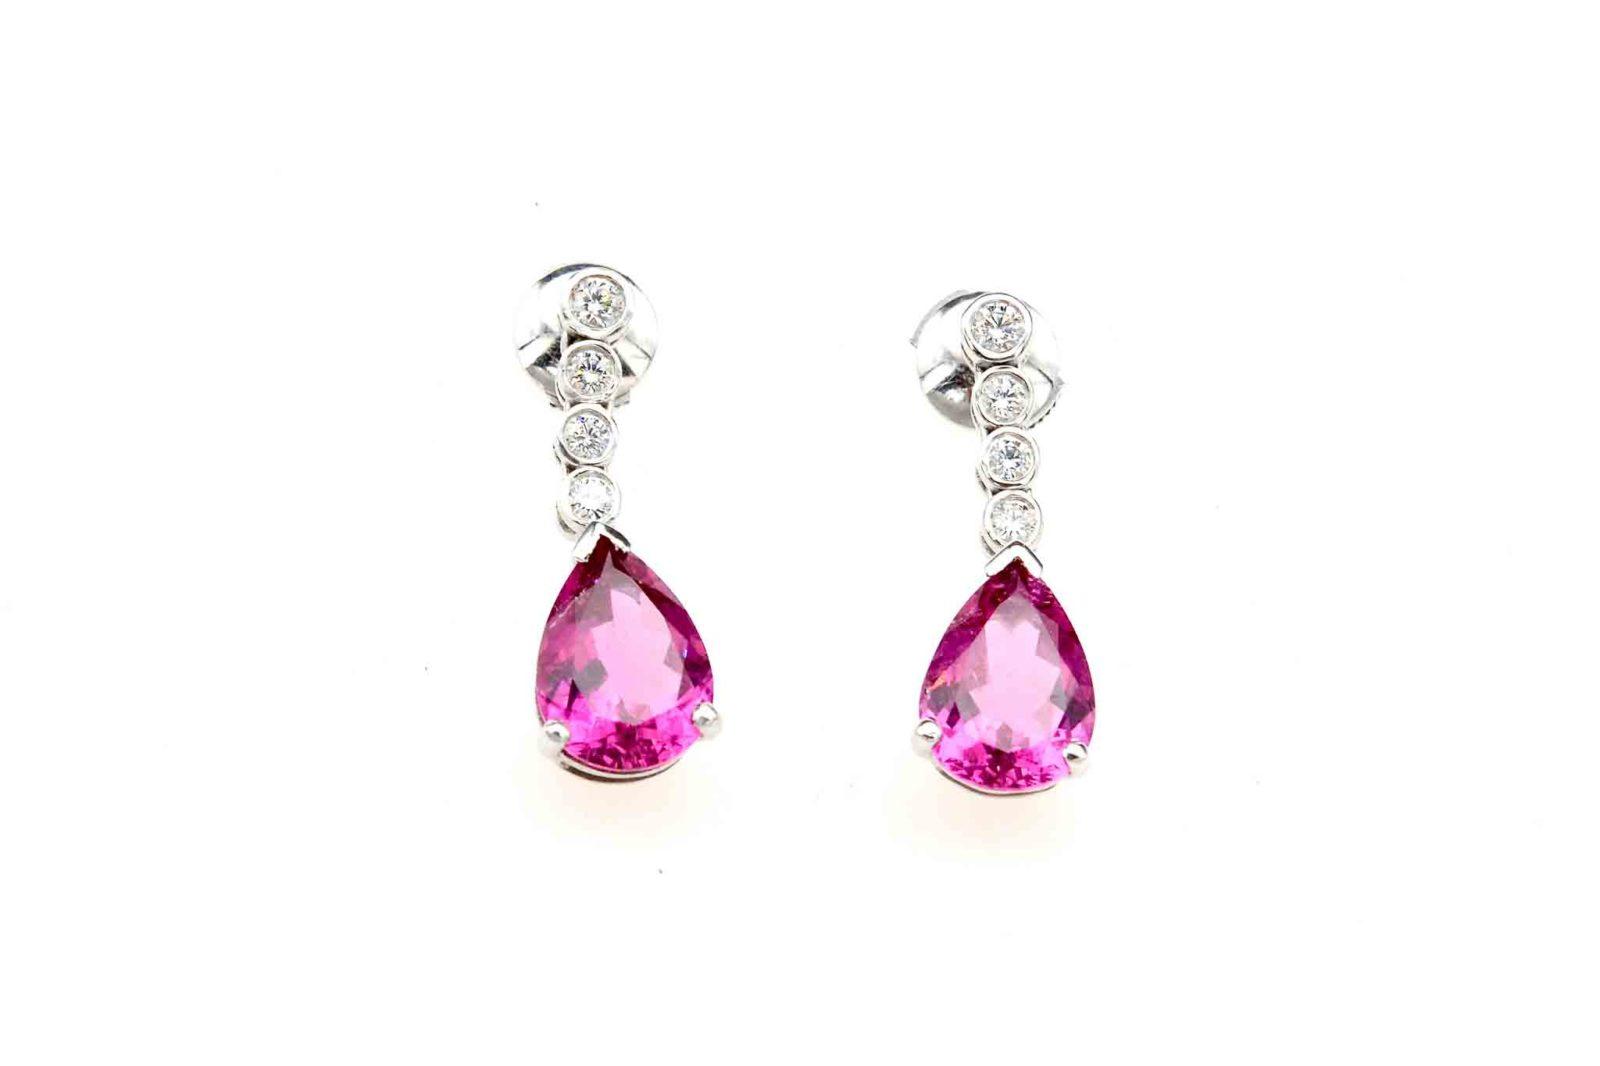 Boucles d'oreilles tourmalines diamants